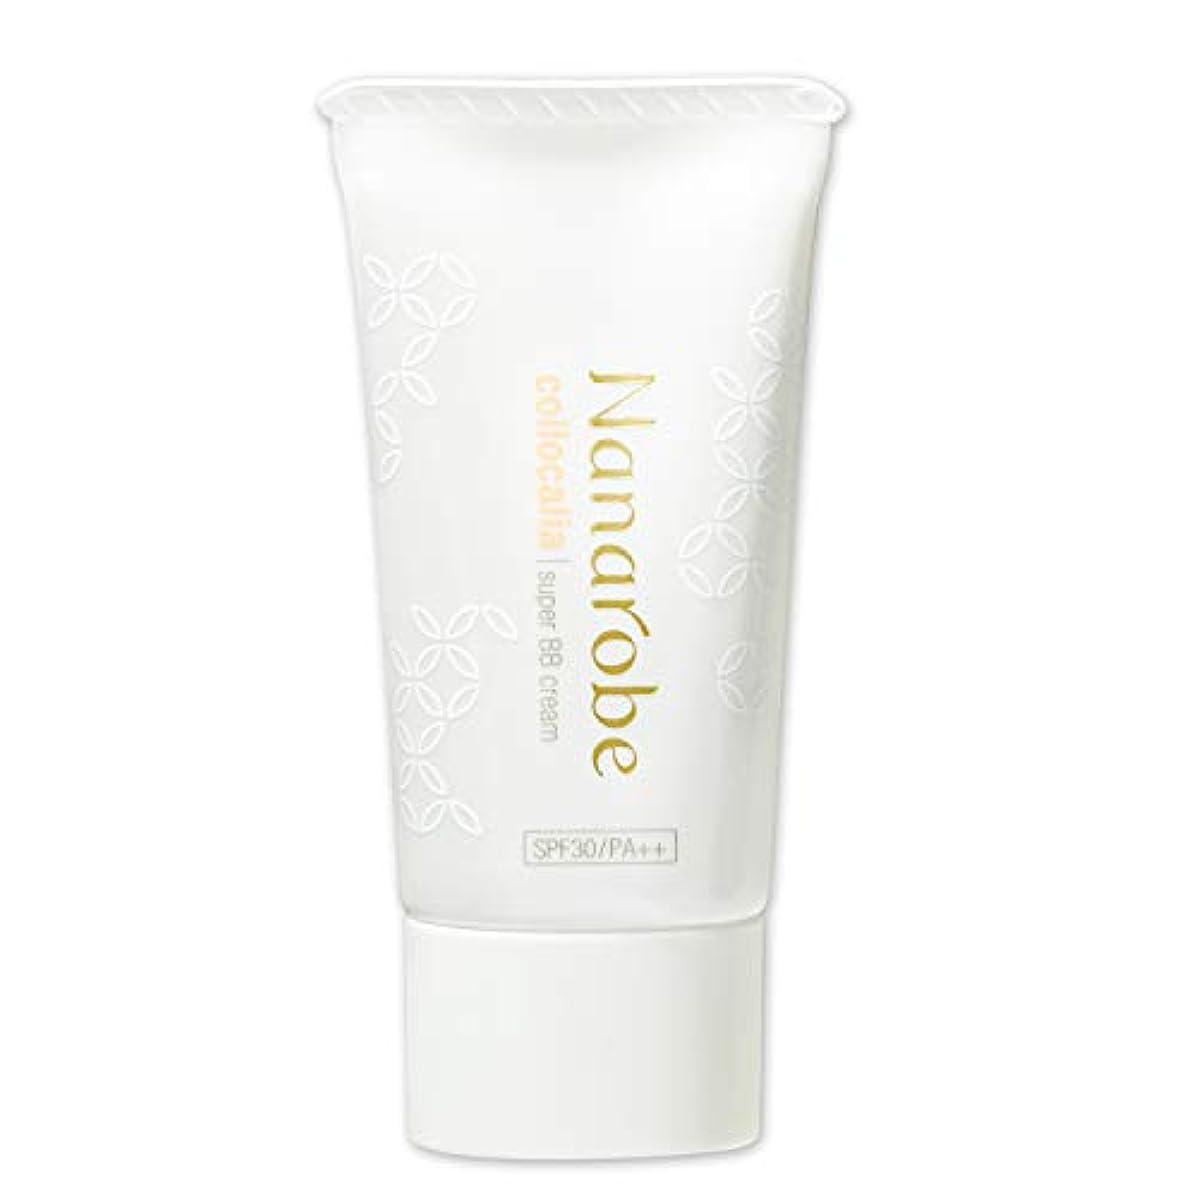 わずかに前スマイルナナローブ (Nanarobe) BBクリーム 化粧下地 ファンデーション コロカリア UV SPF30 PA++ 30g